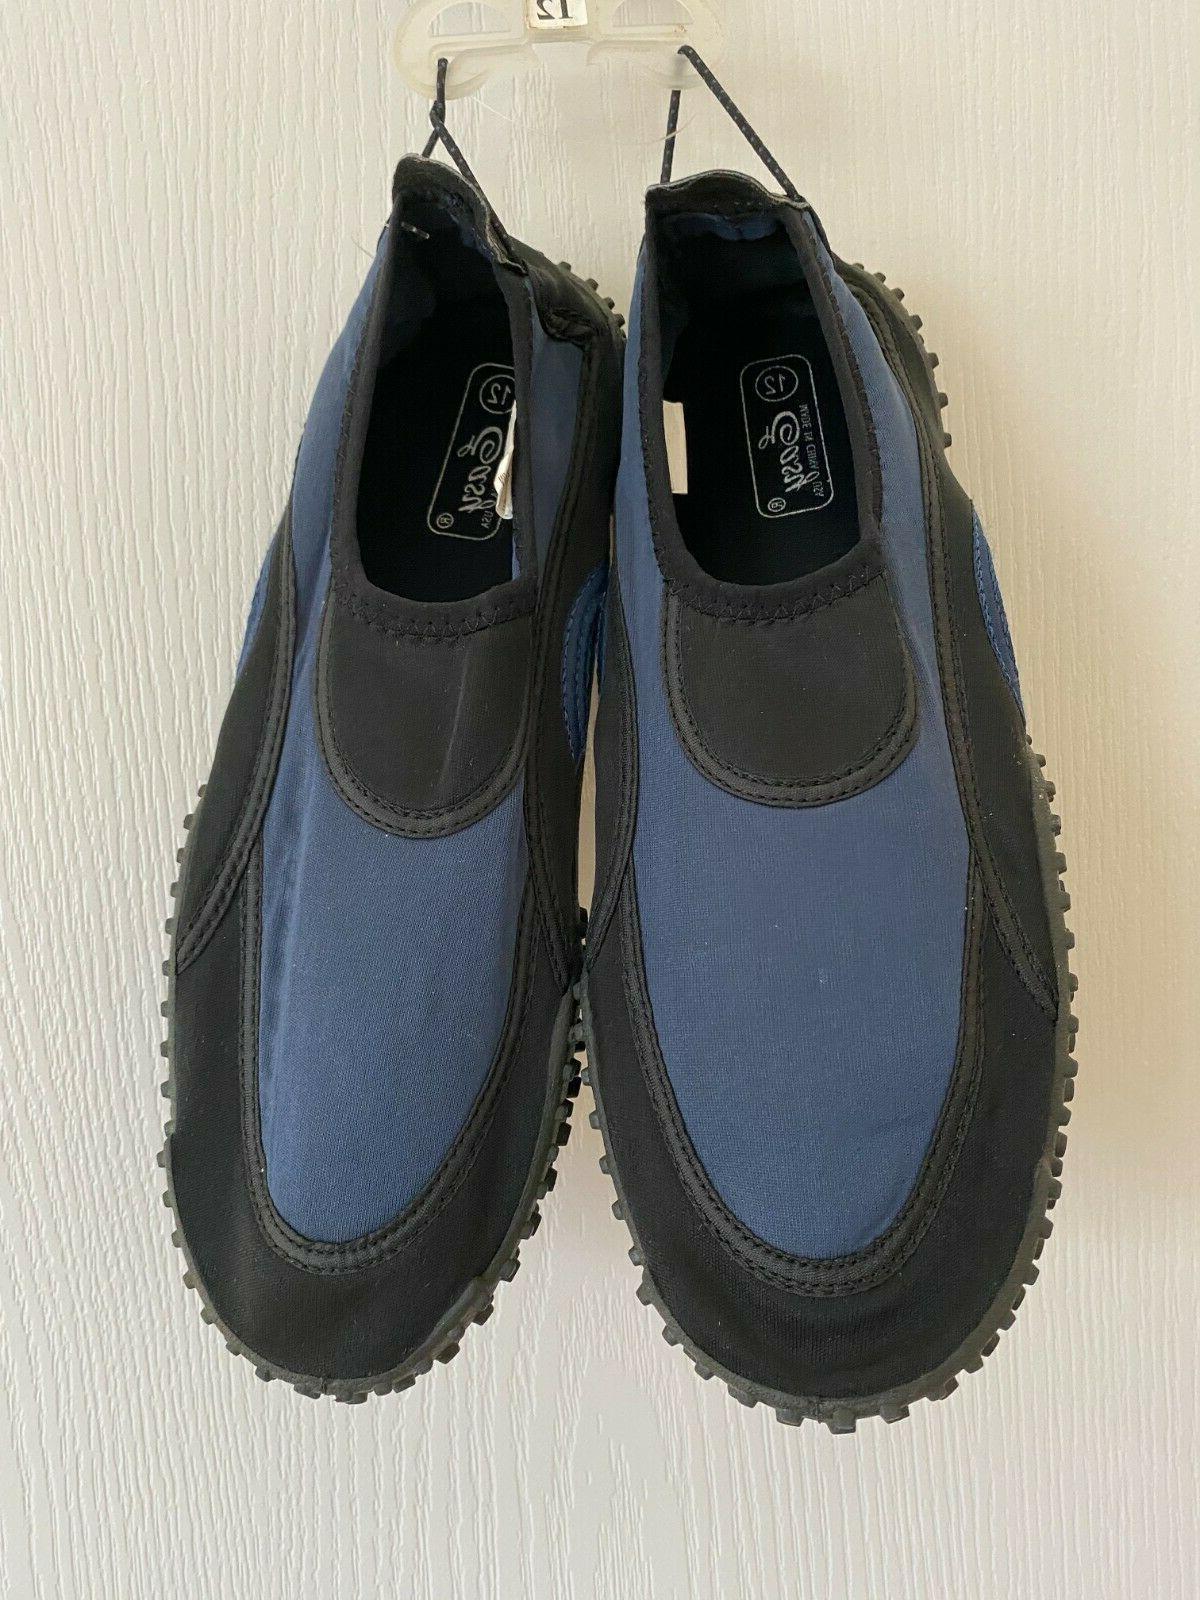 mens new navy water shoes aqua socks